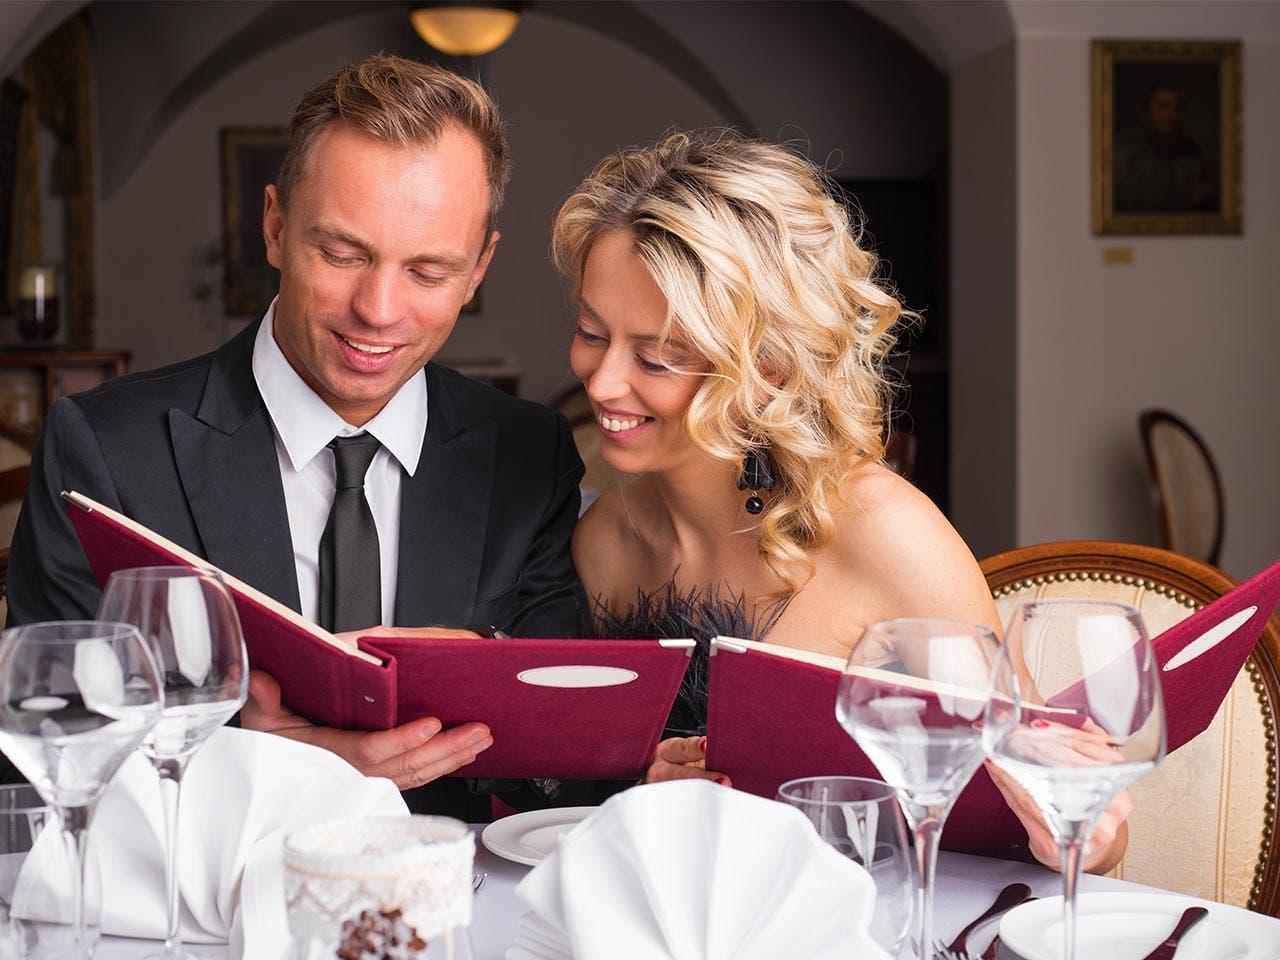 Meals | Kaspars Grinvalds/Shutterstock.com